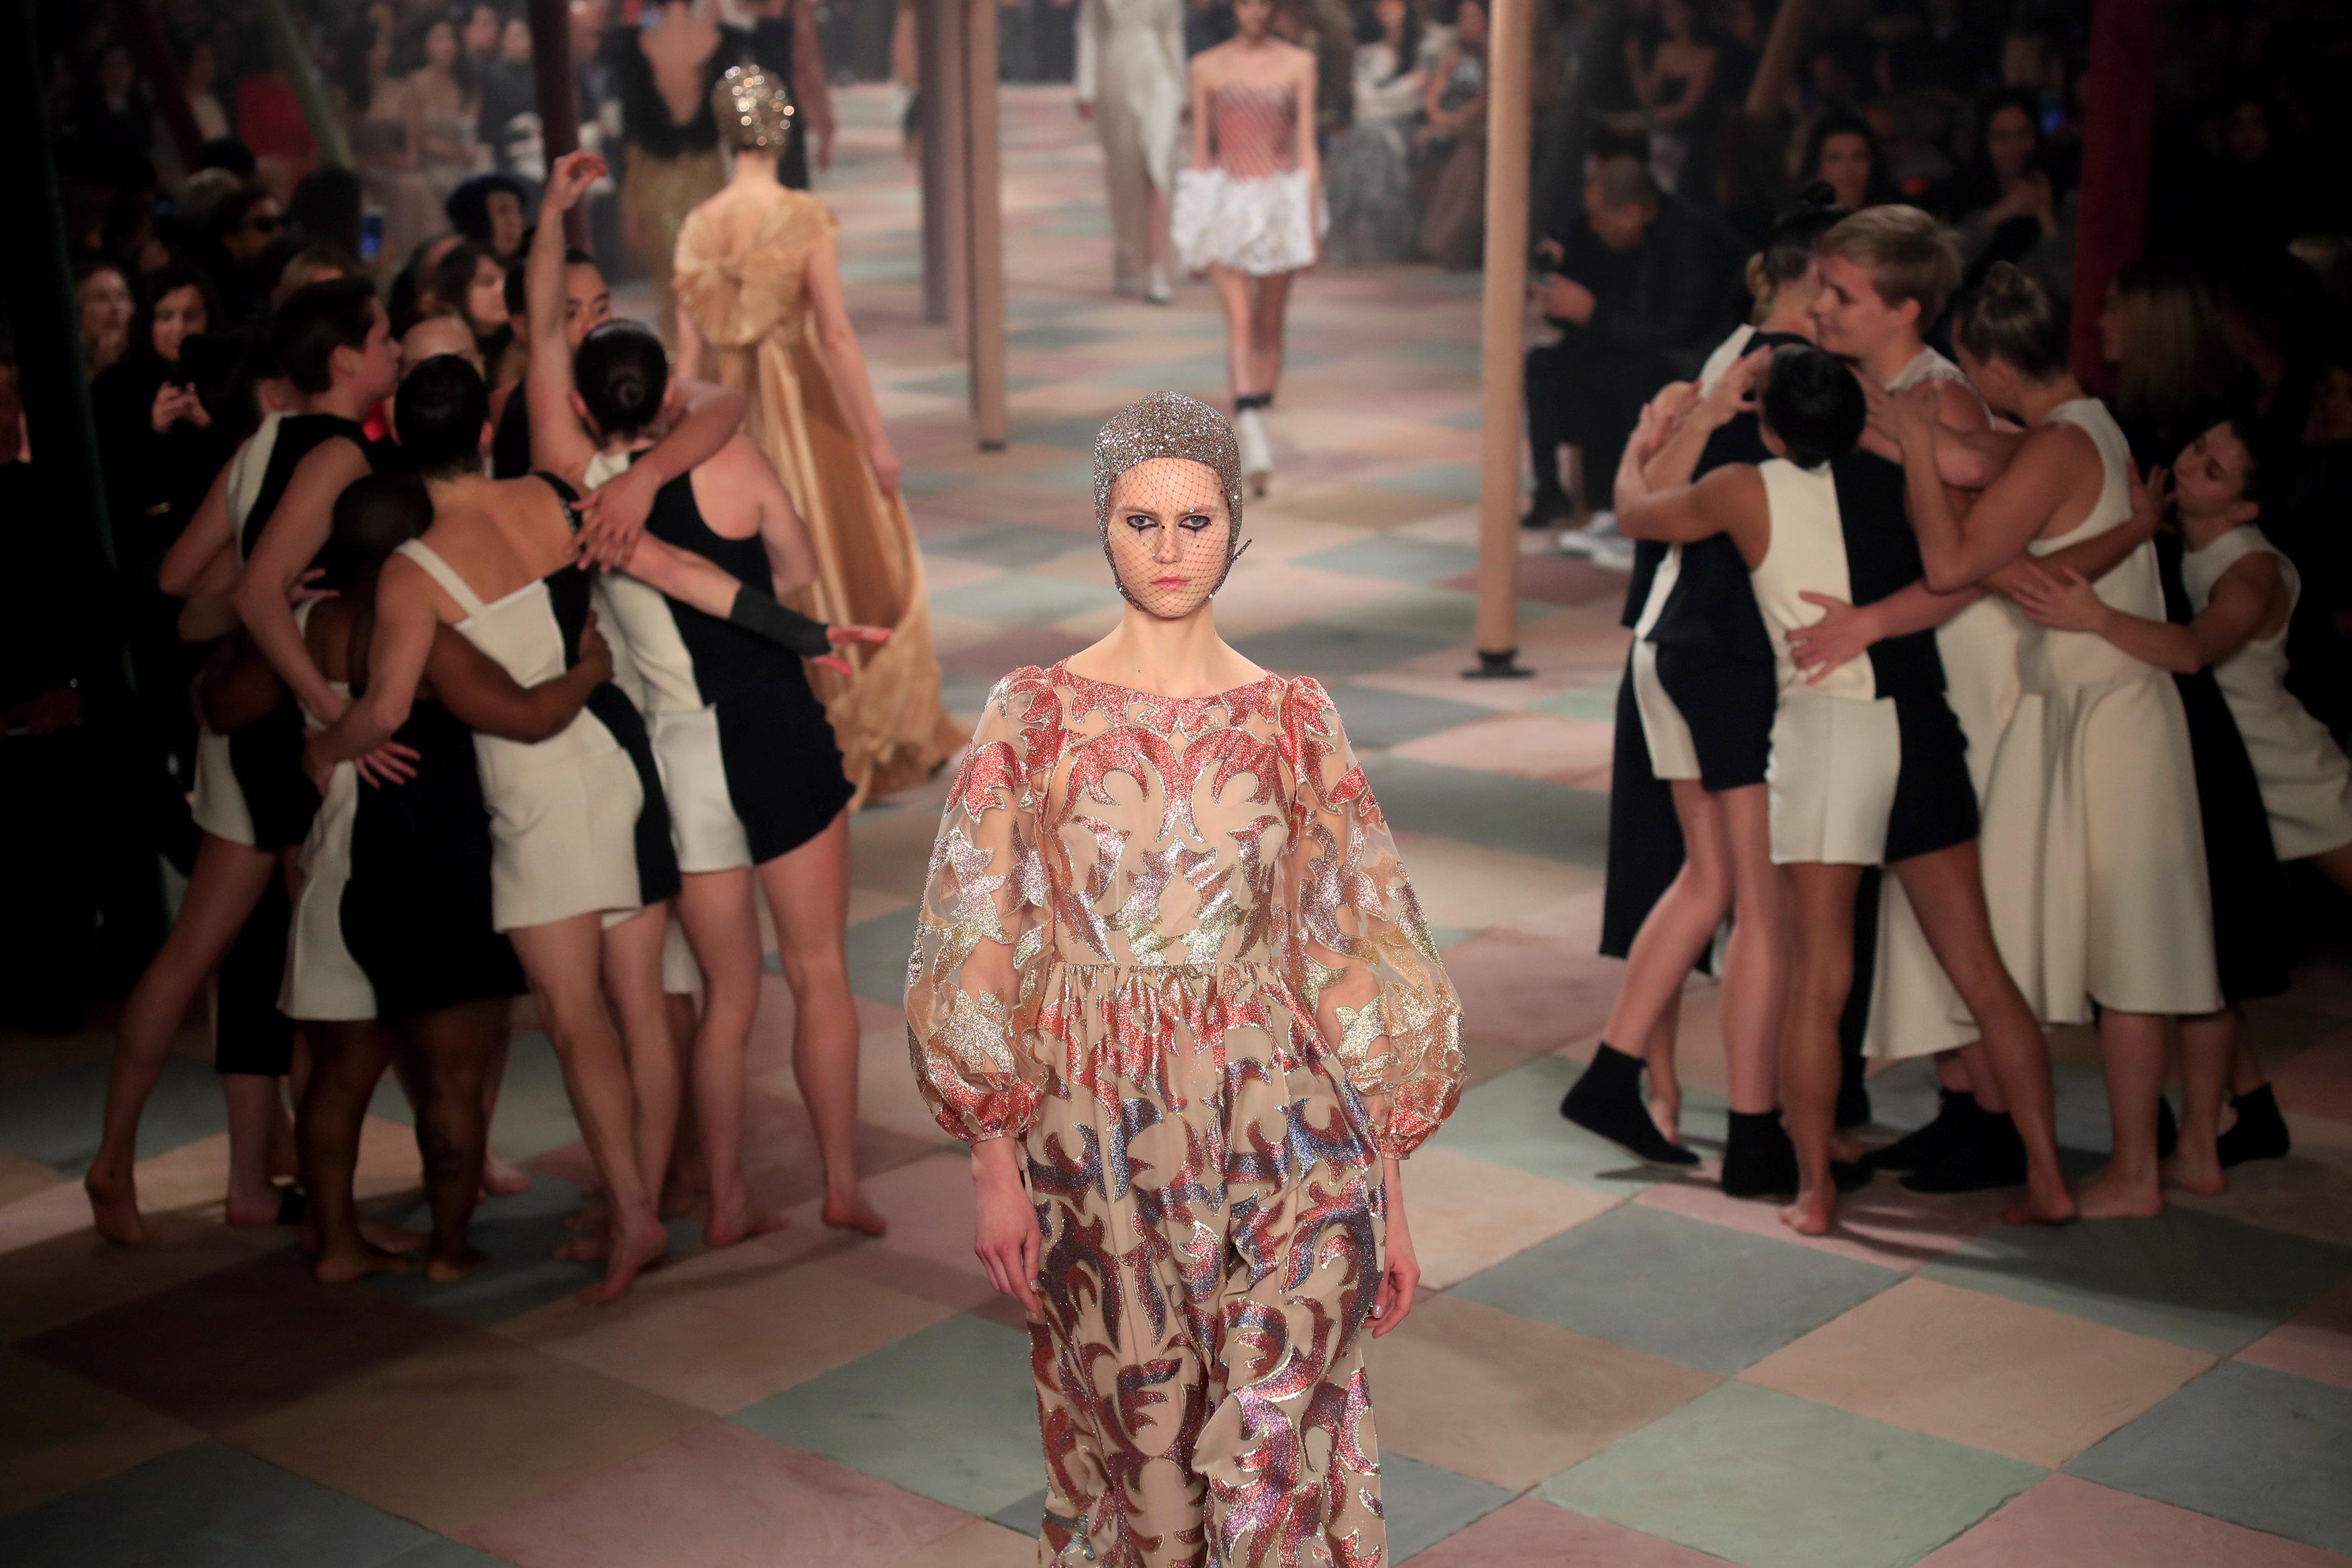 عرض أزياء ماكسيم سيمنز خلال أسبوع الموضة بباريس (2)